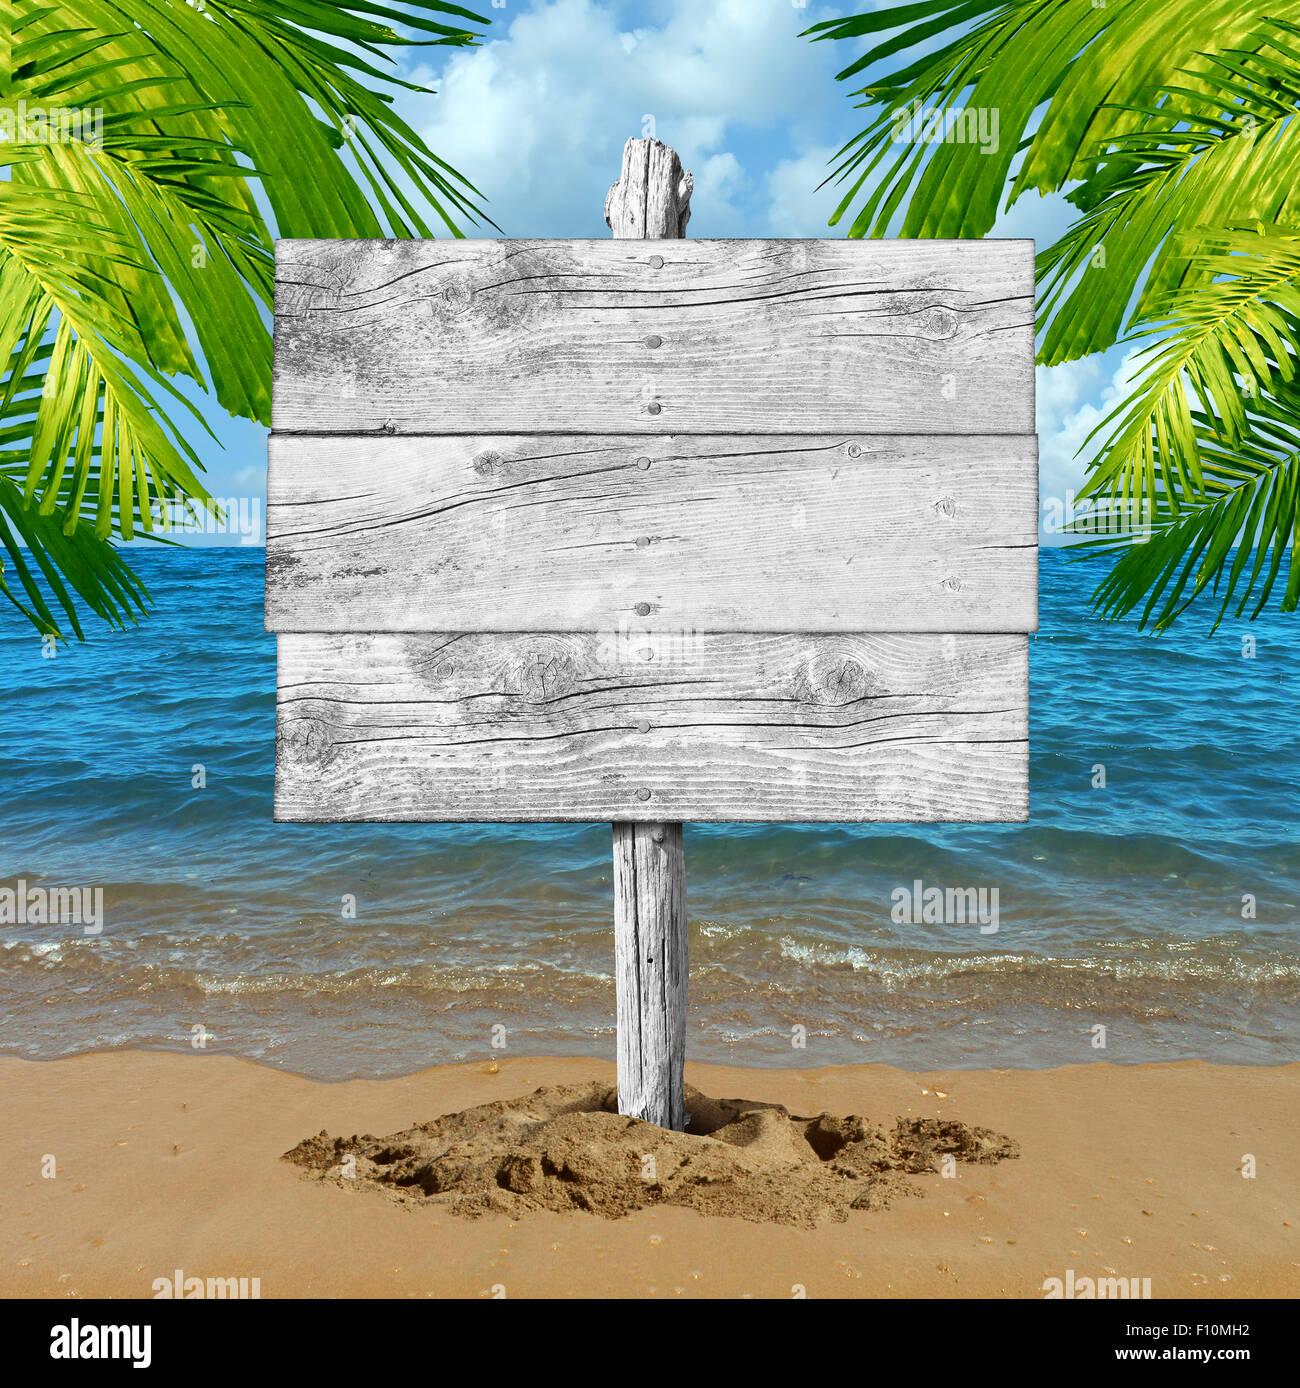 Bois plage signe et vacances tropicales blank billboard passé en tant qu'océan vagues sur le sable Photo Stock